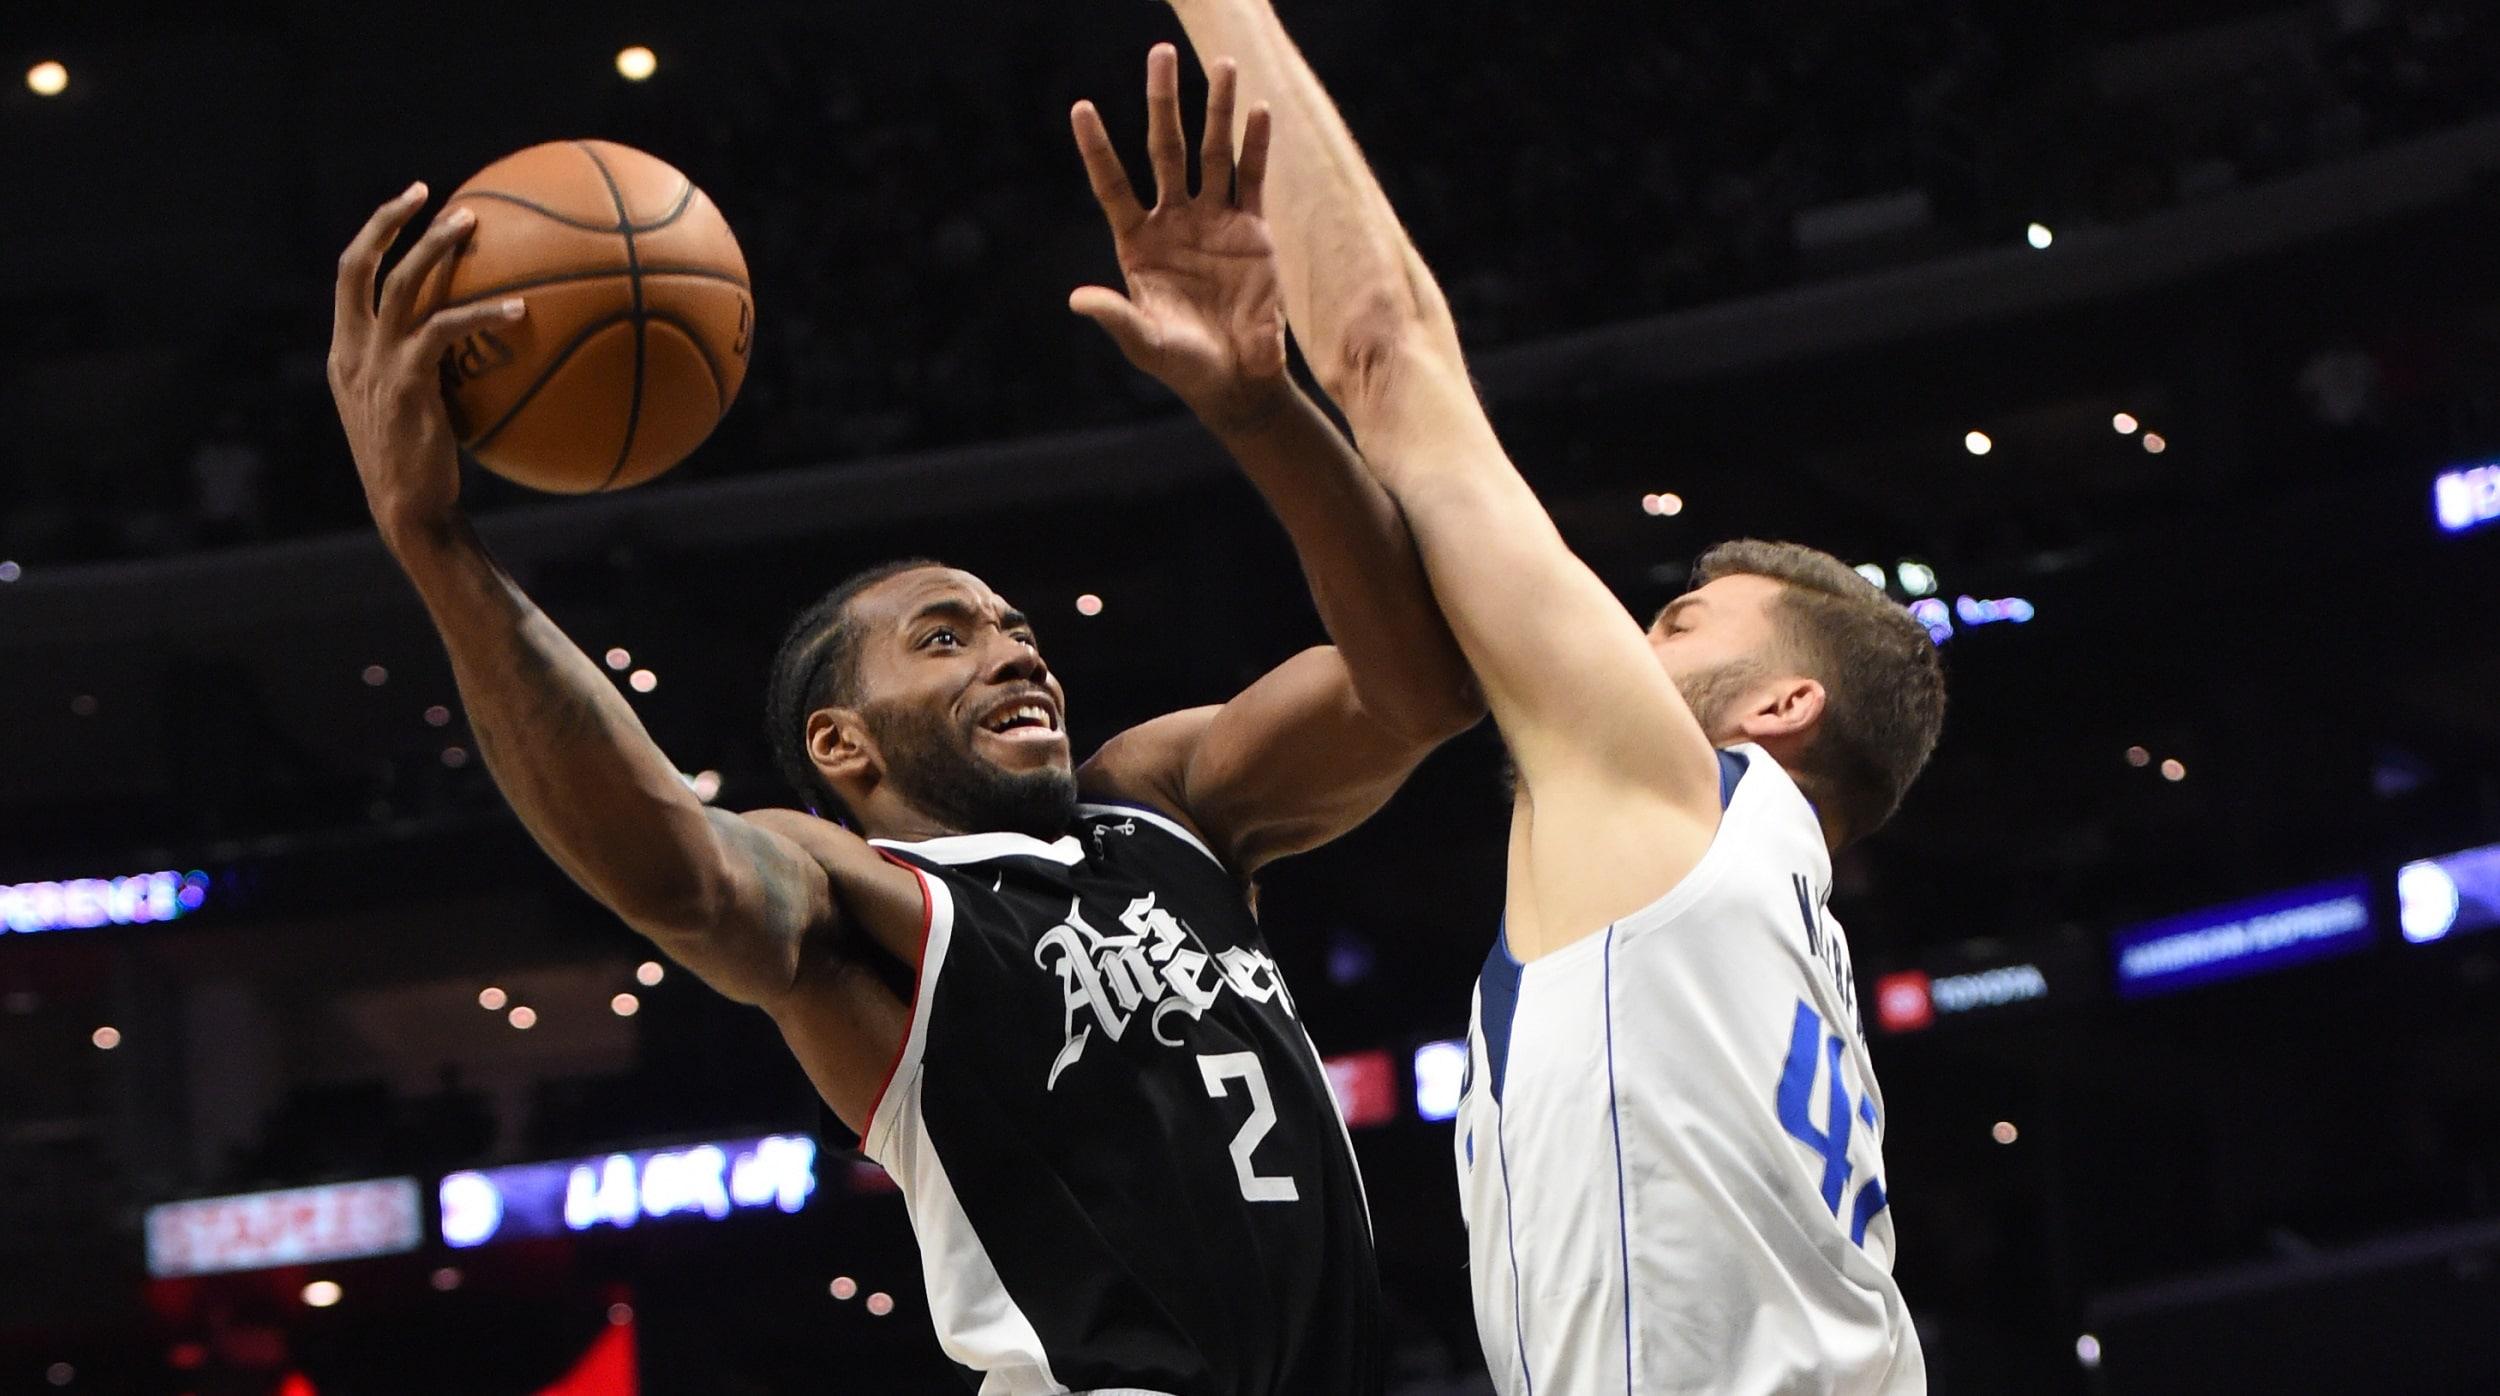 Kawhi Leonard, LA Clippers eliminate Dallas Mavericks in Game 7